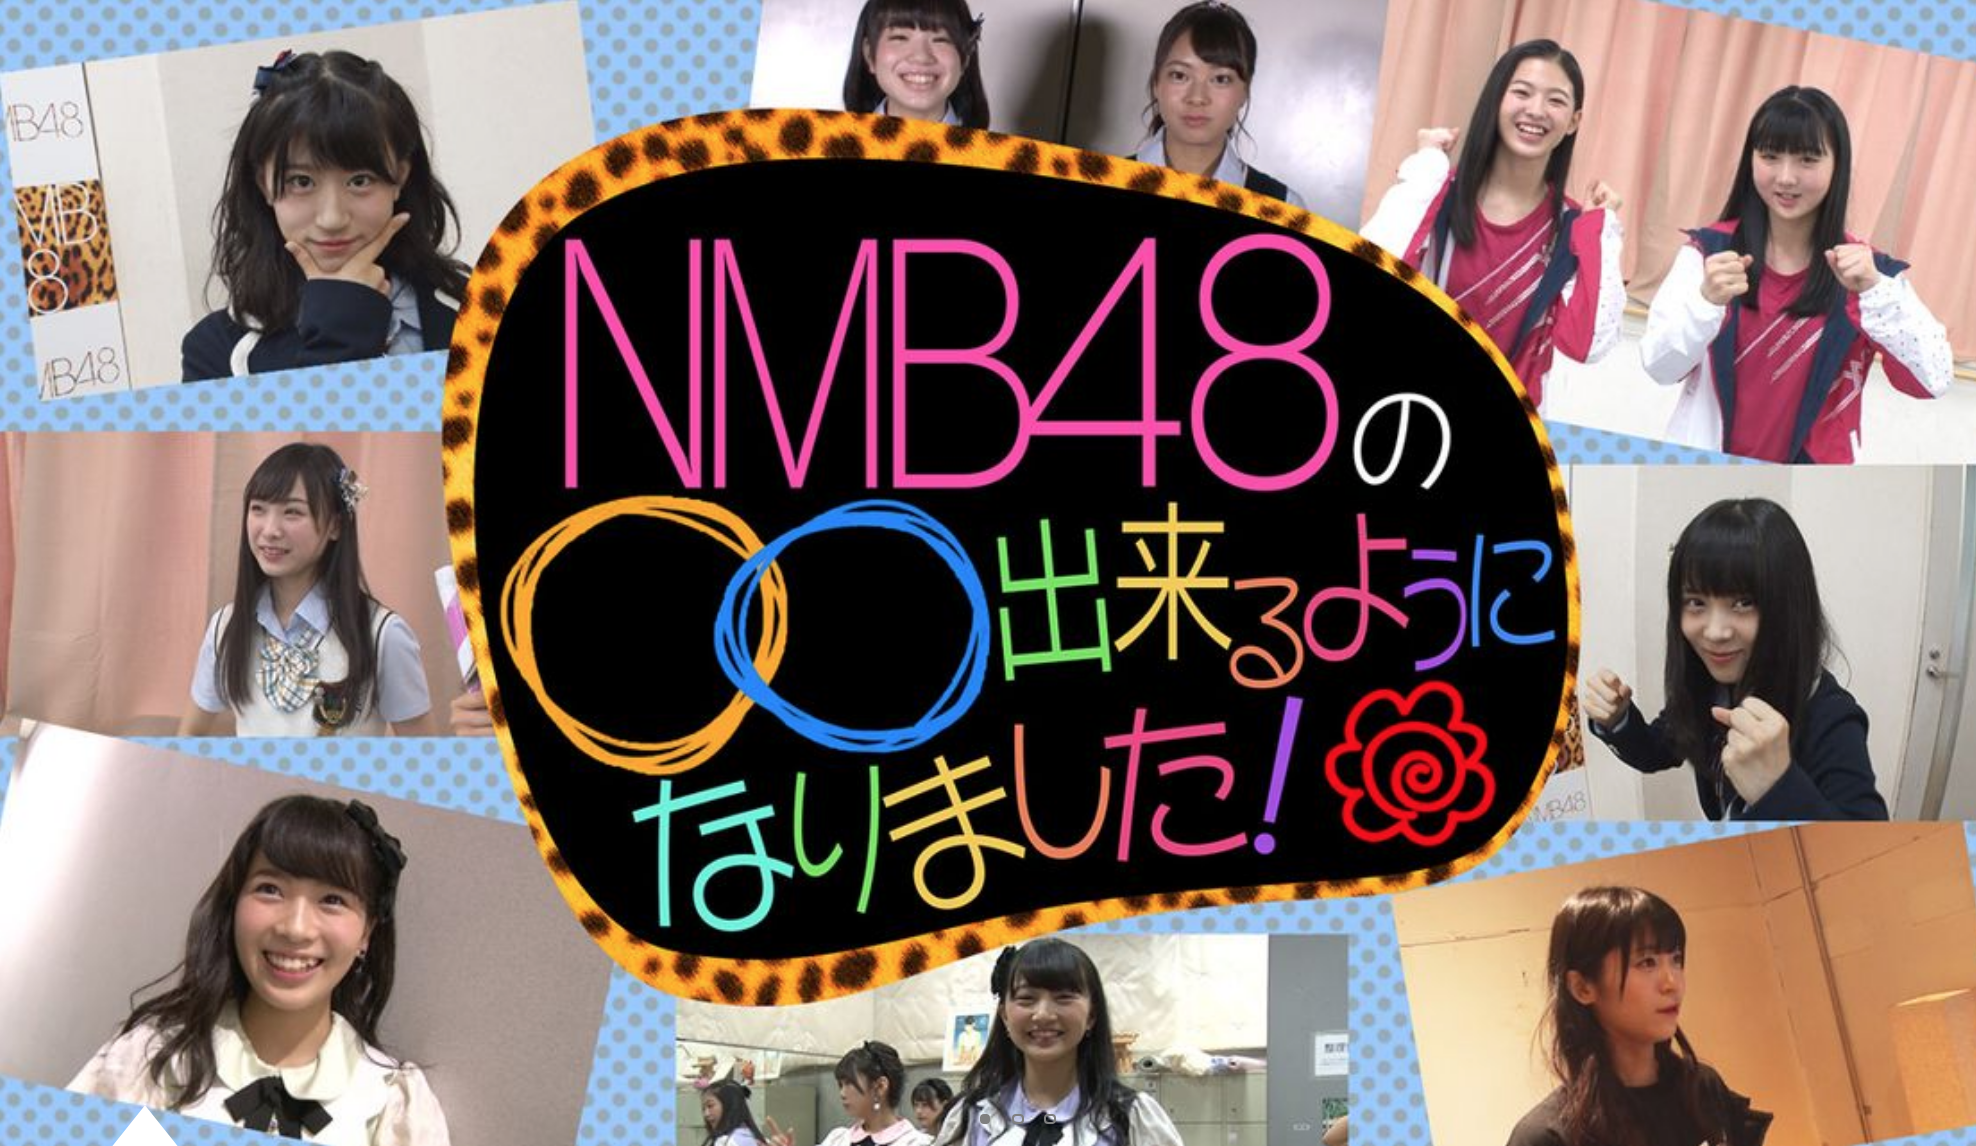 NMB48の○○出来るようになりました!